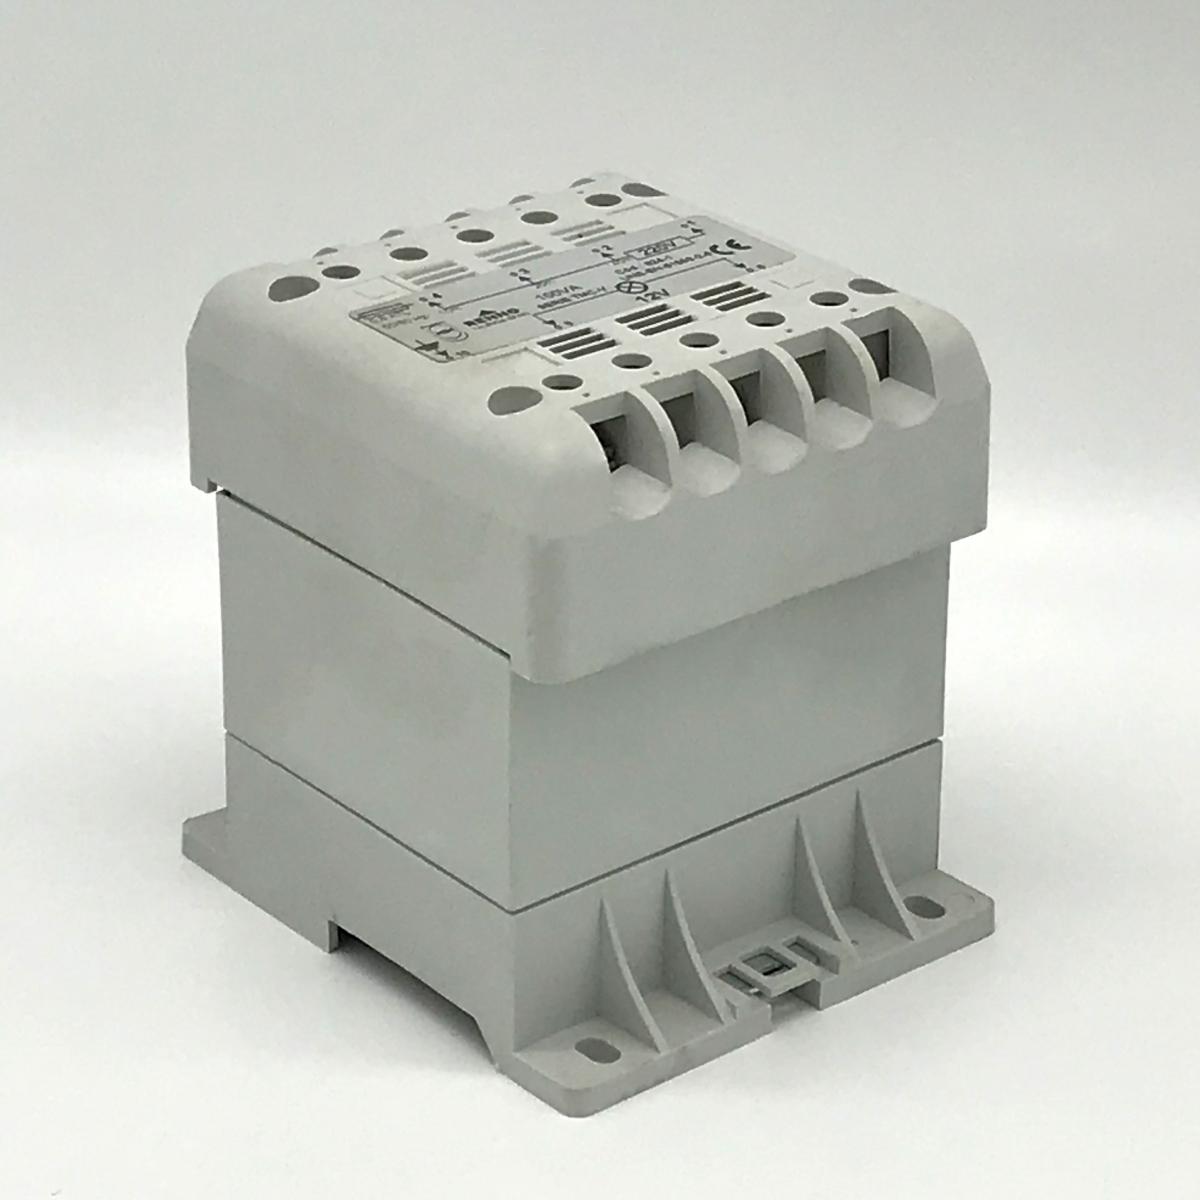 Trasformador Serie TMC-V 100W de 230V a 12V  para proyectores